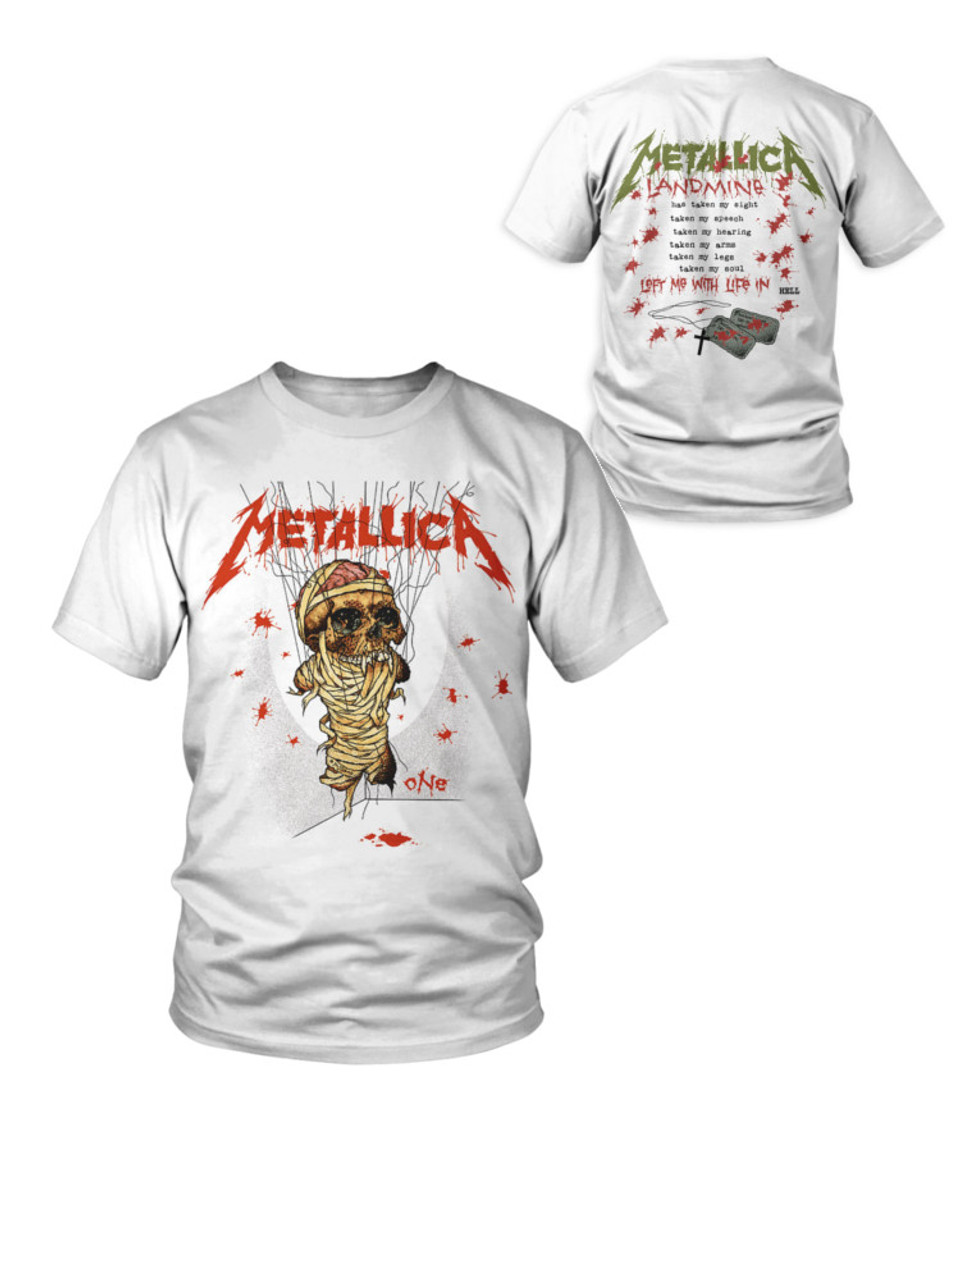 Official Metallica One Landmine Rock Band T-Shirt